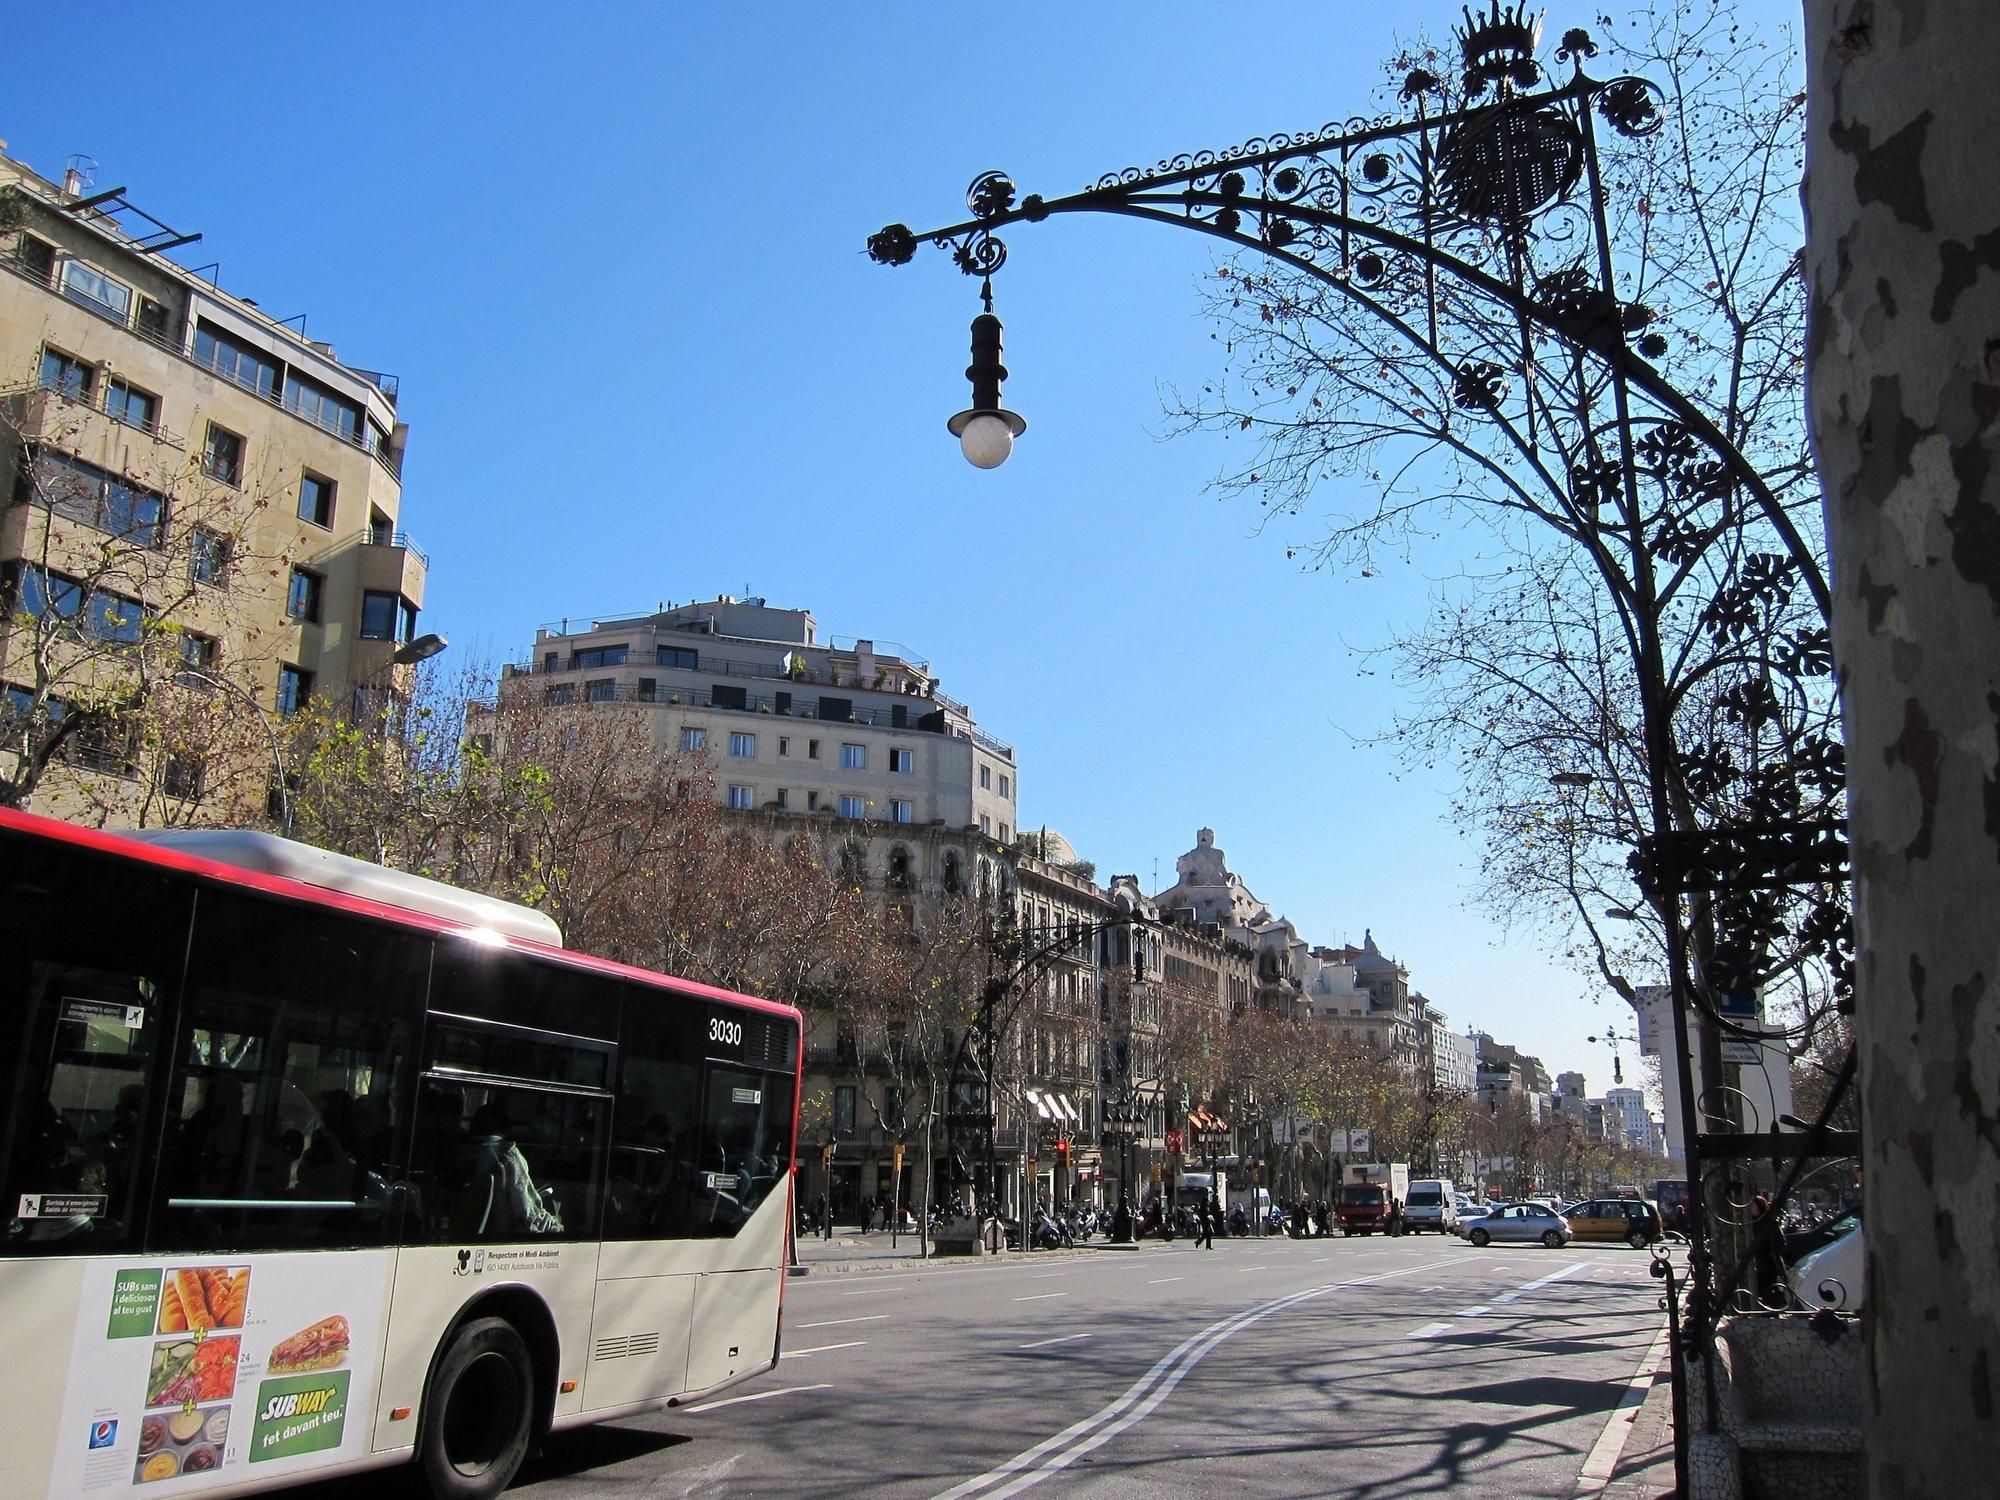 Adif inicia la inspección de los edificios cercanos a la estación de Passeig de Gràcia